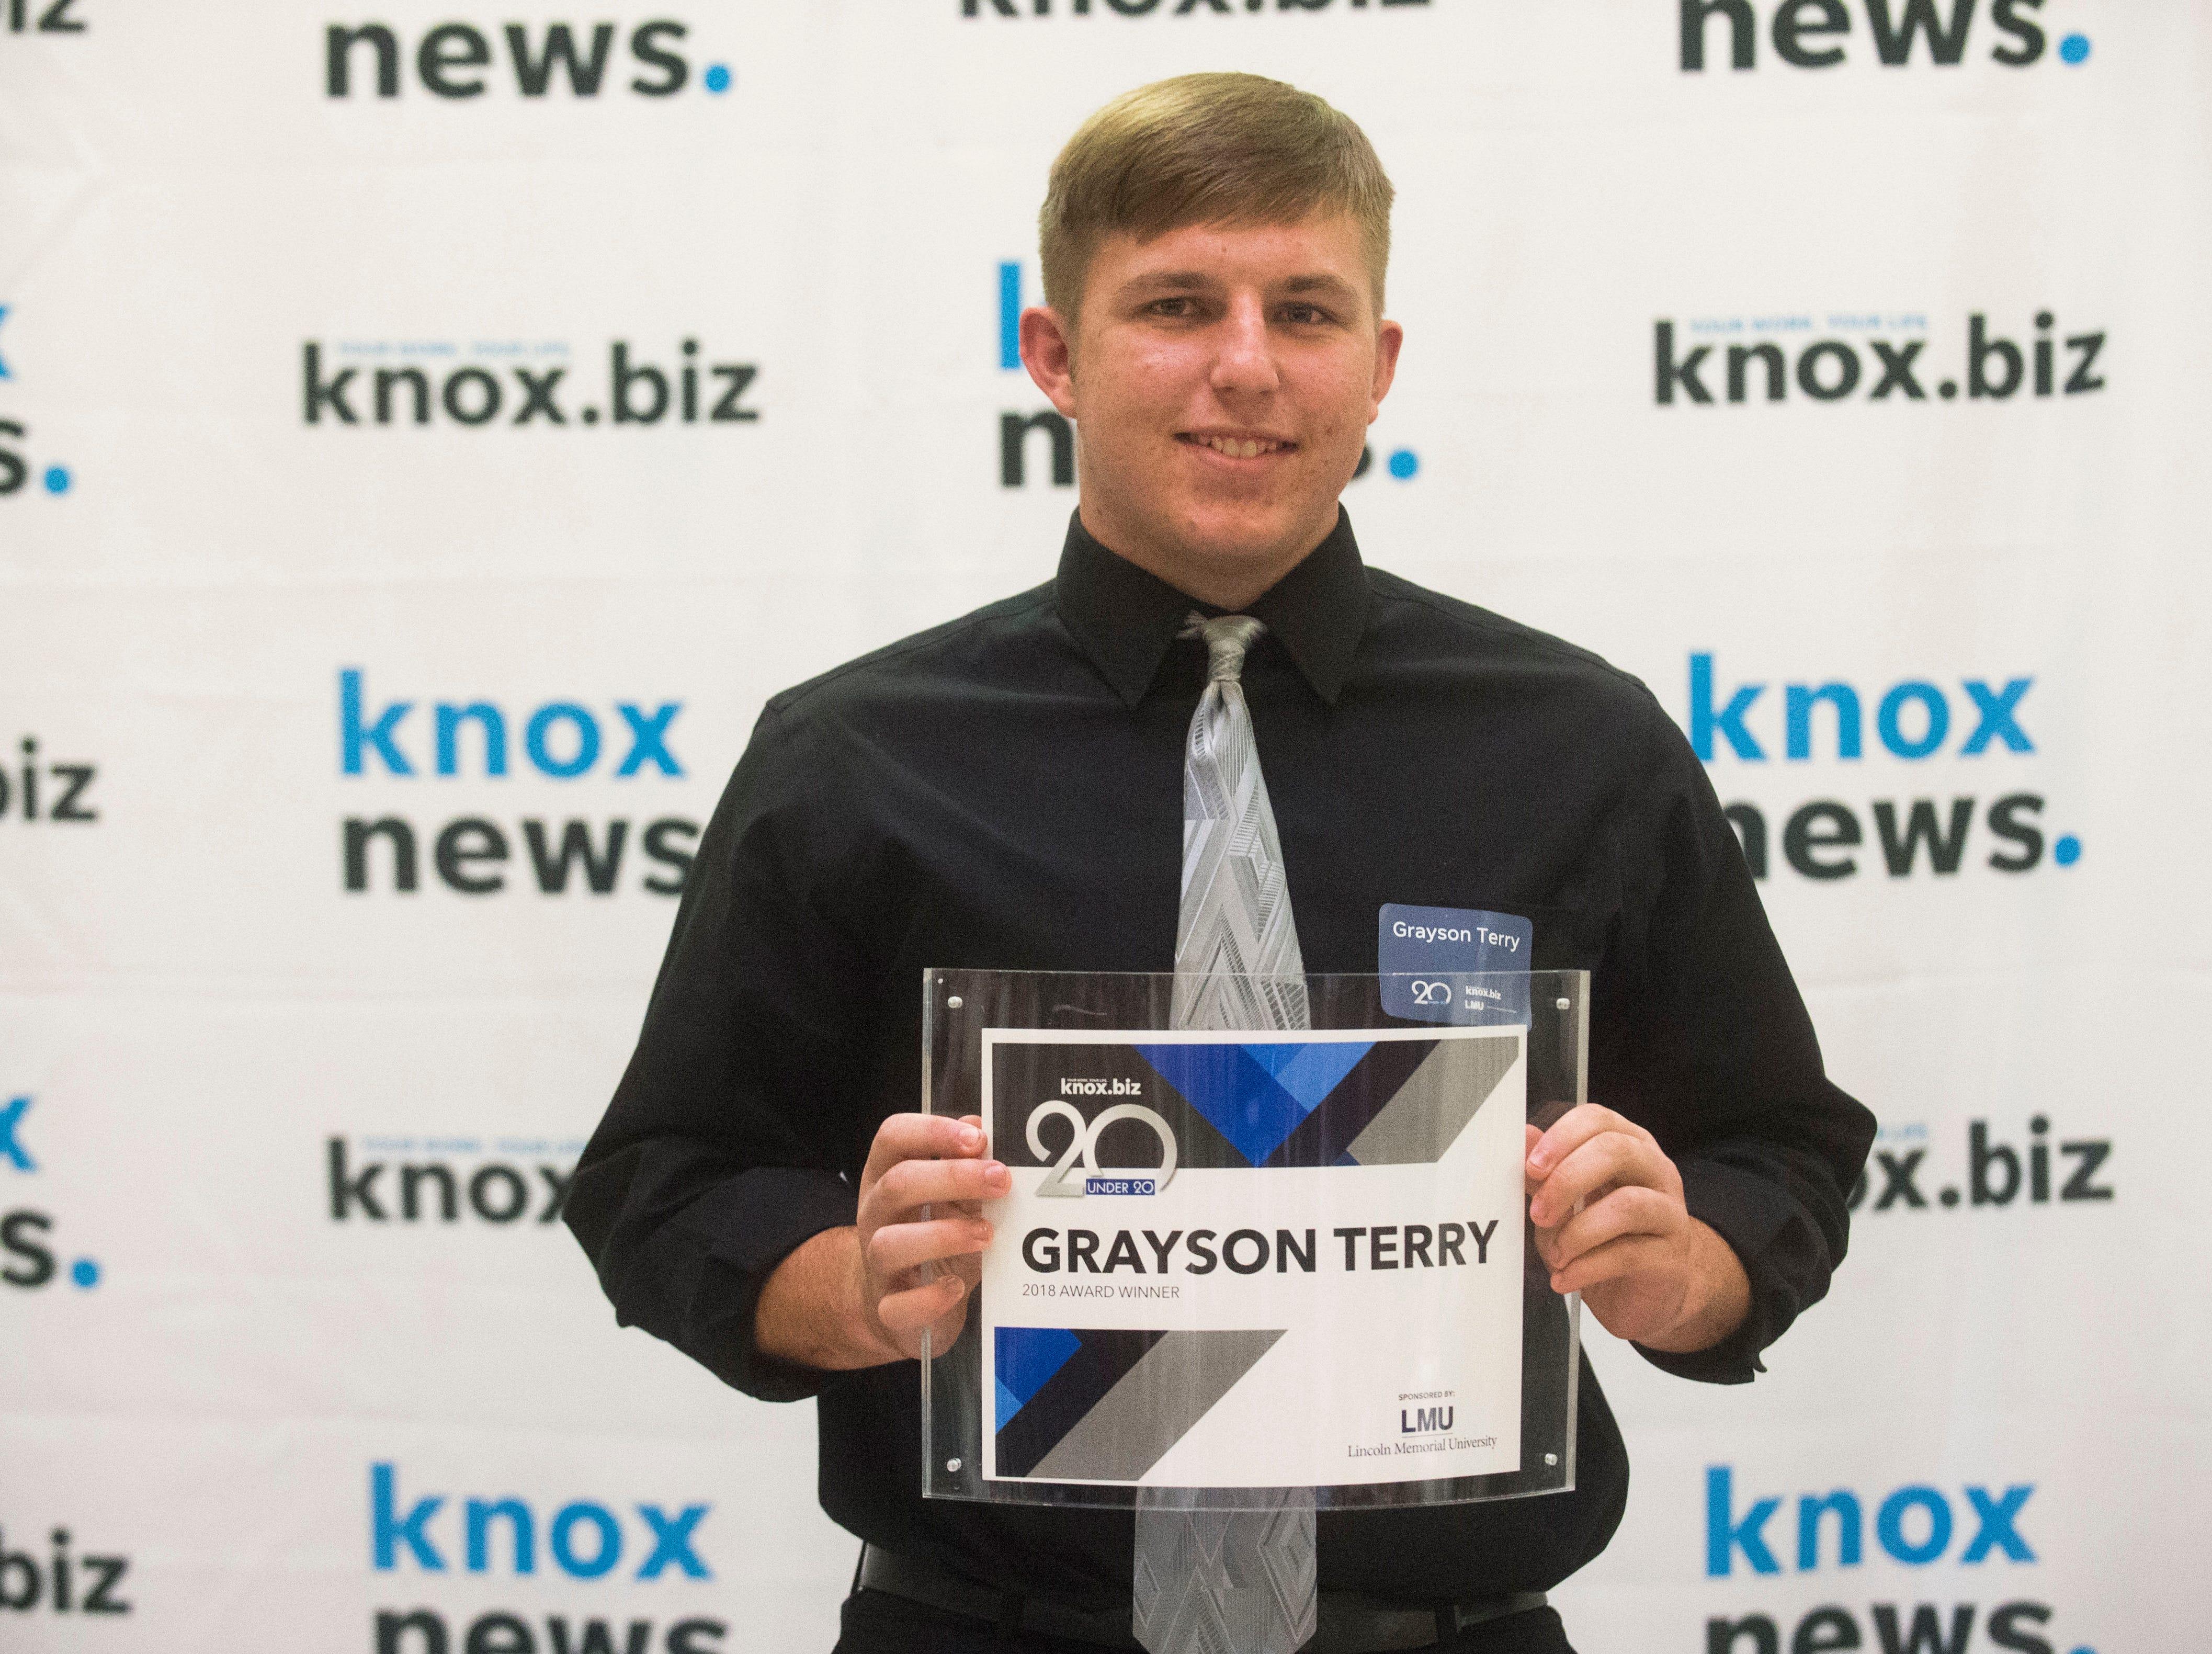 Grayson Terry, 20 under 20 award recipient.